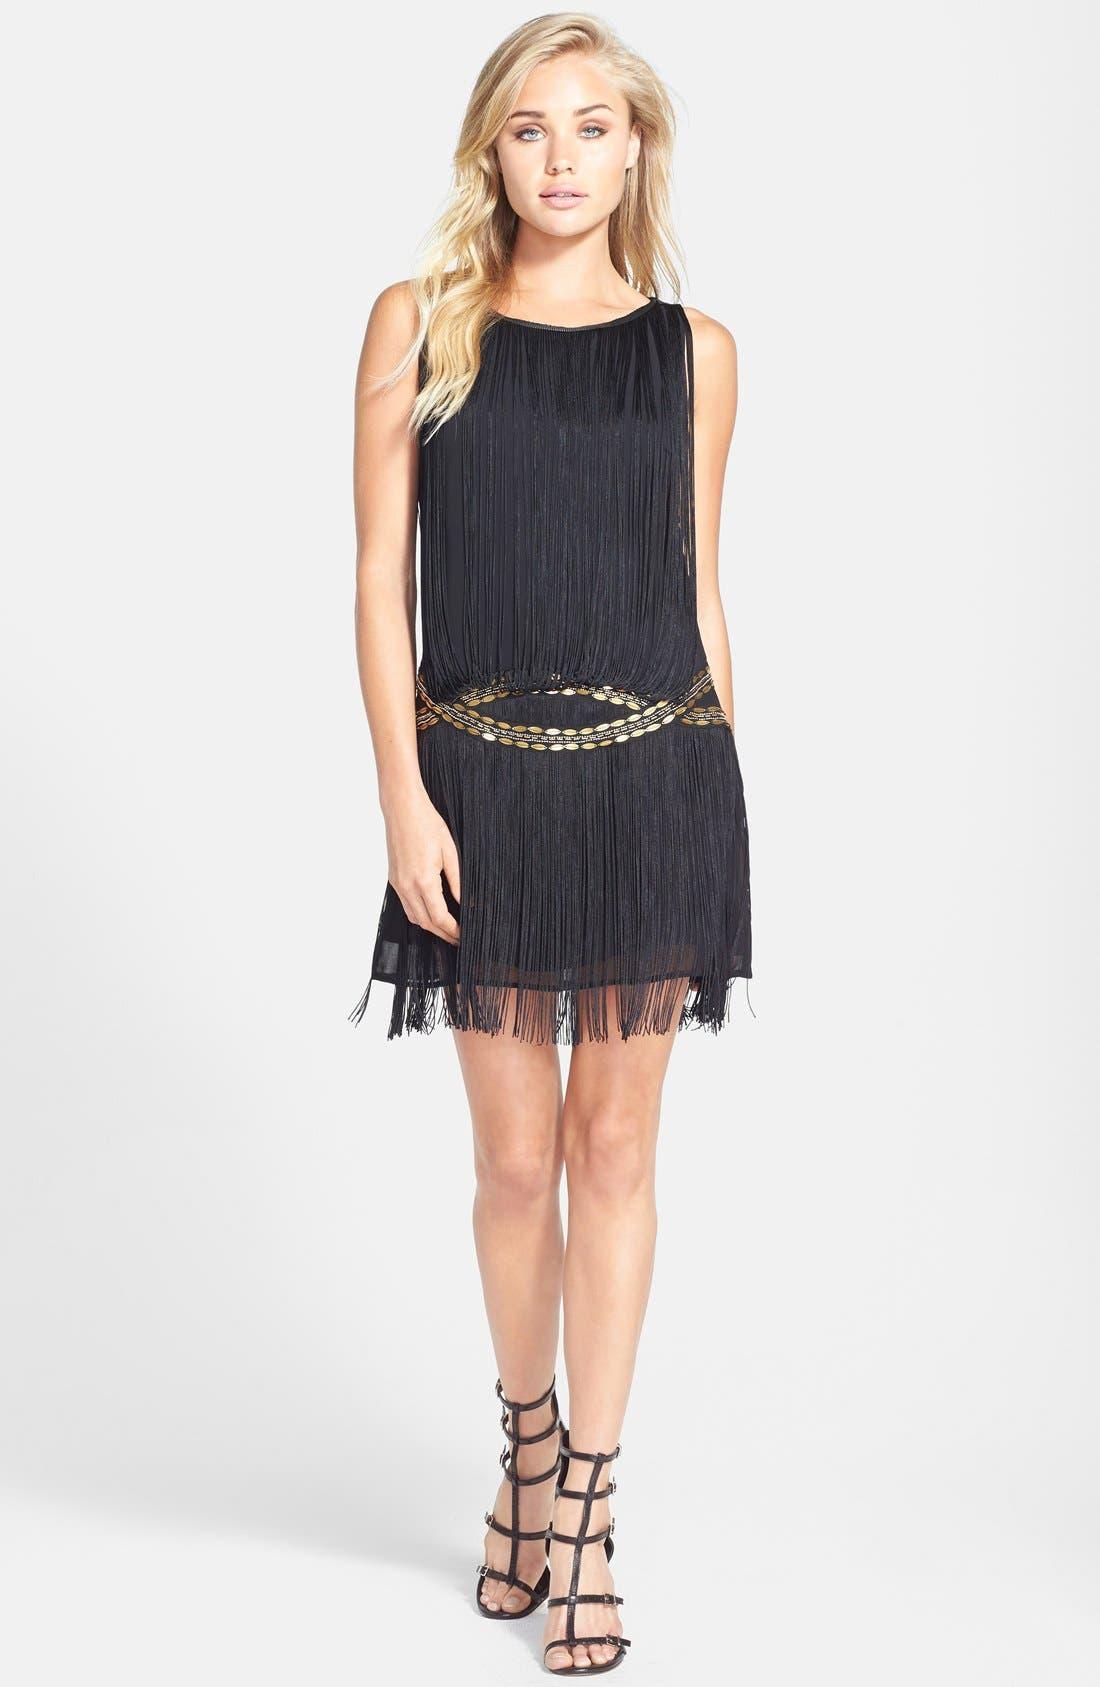 FILTRE, Tassel Embellished Shift Dress, Main thumbnail 1, color, 001